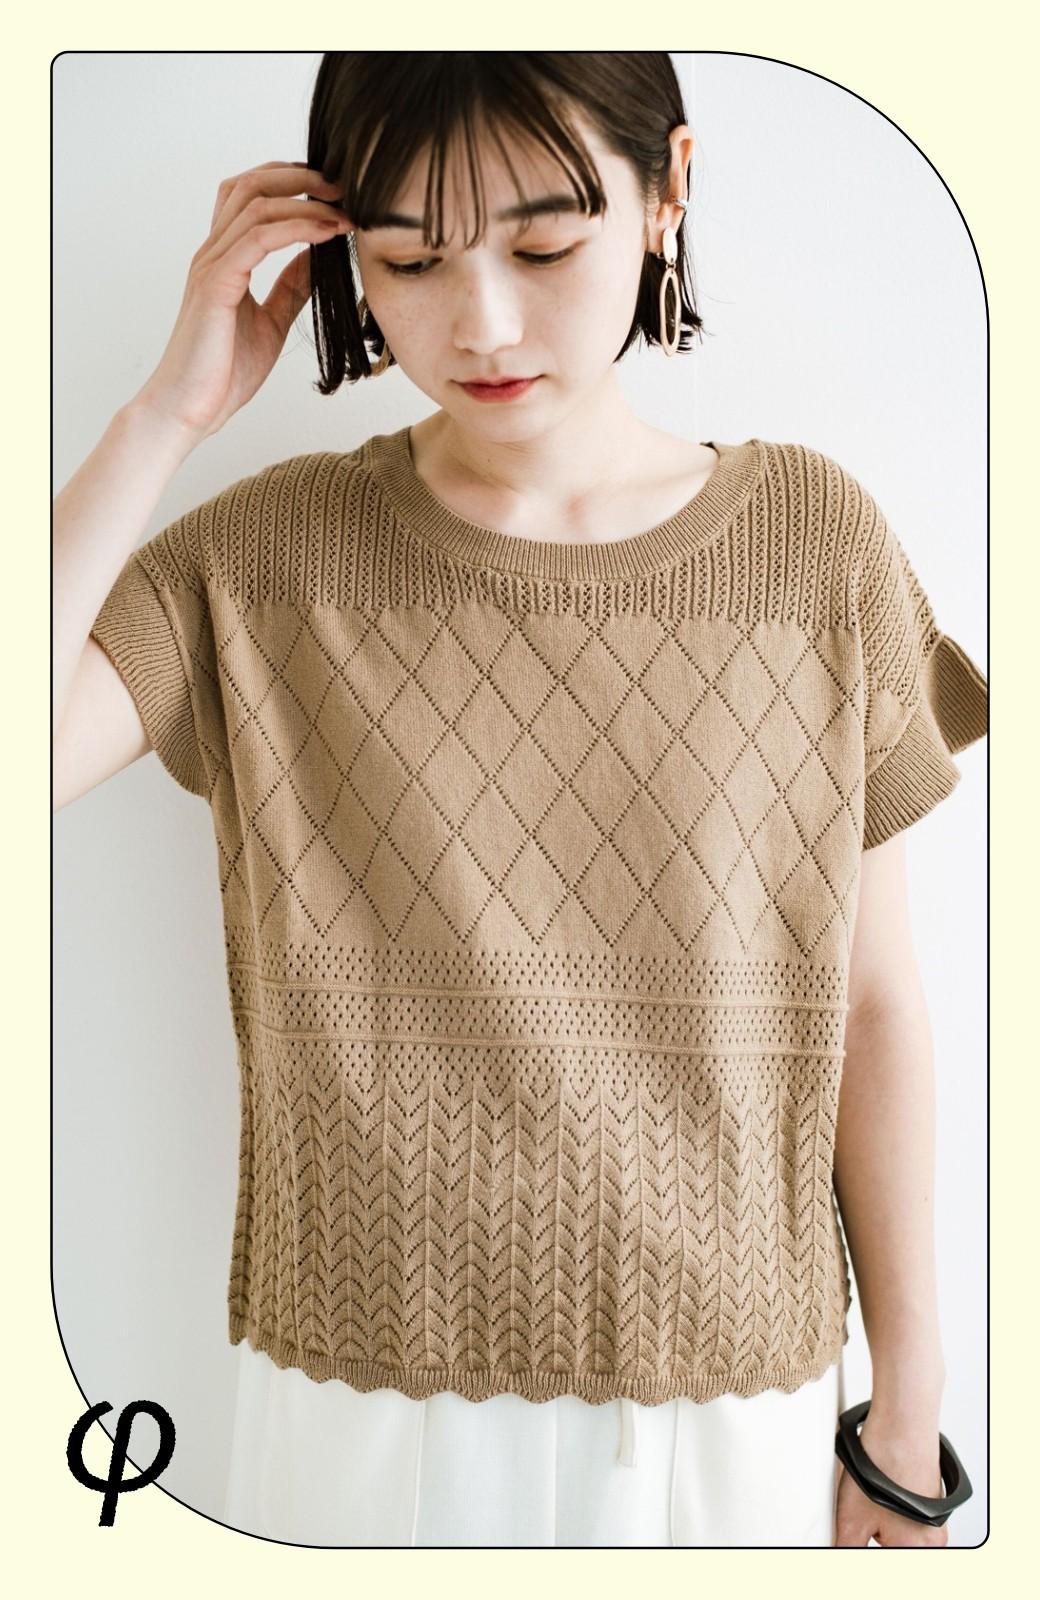 haco! (φ)透けすぎないから安心して着られる 華やか透かし編みニットトップス <カーキブラウン>の商品写真1